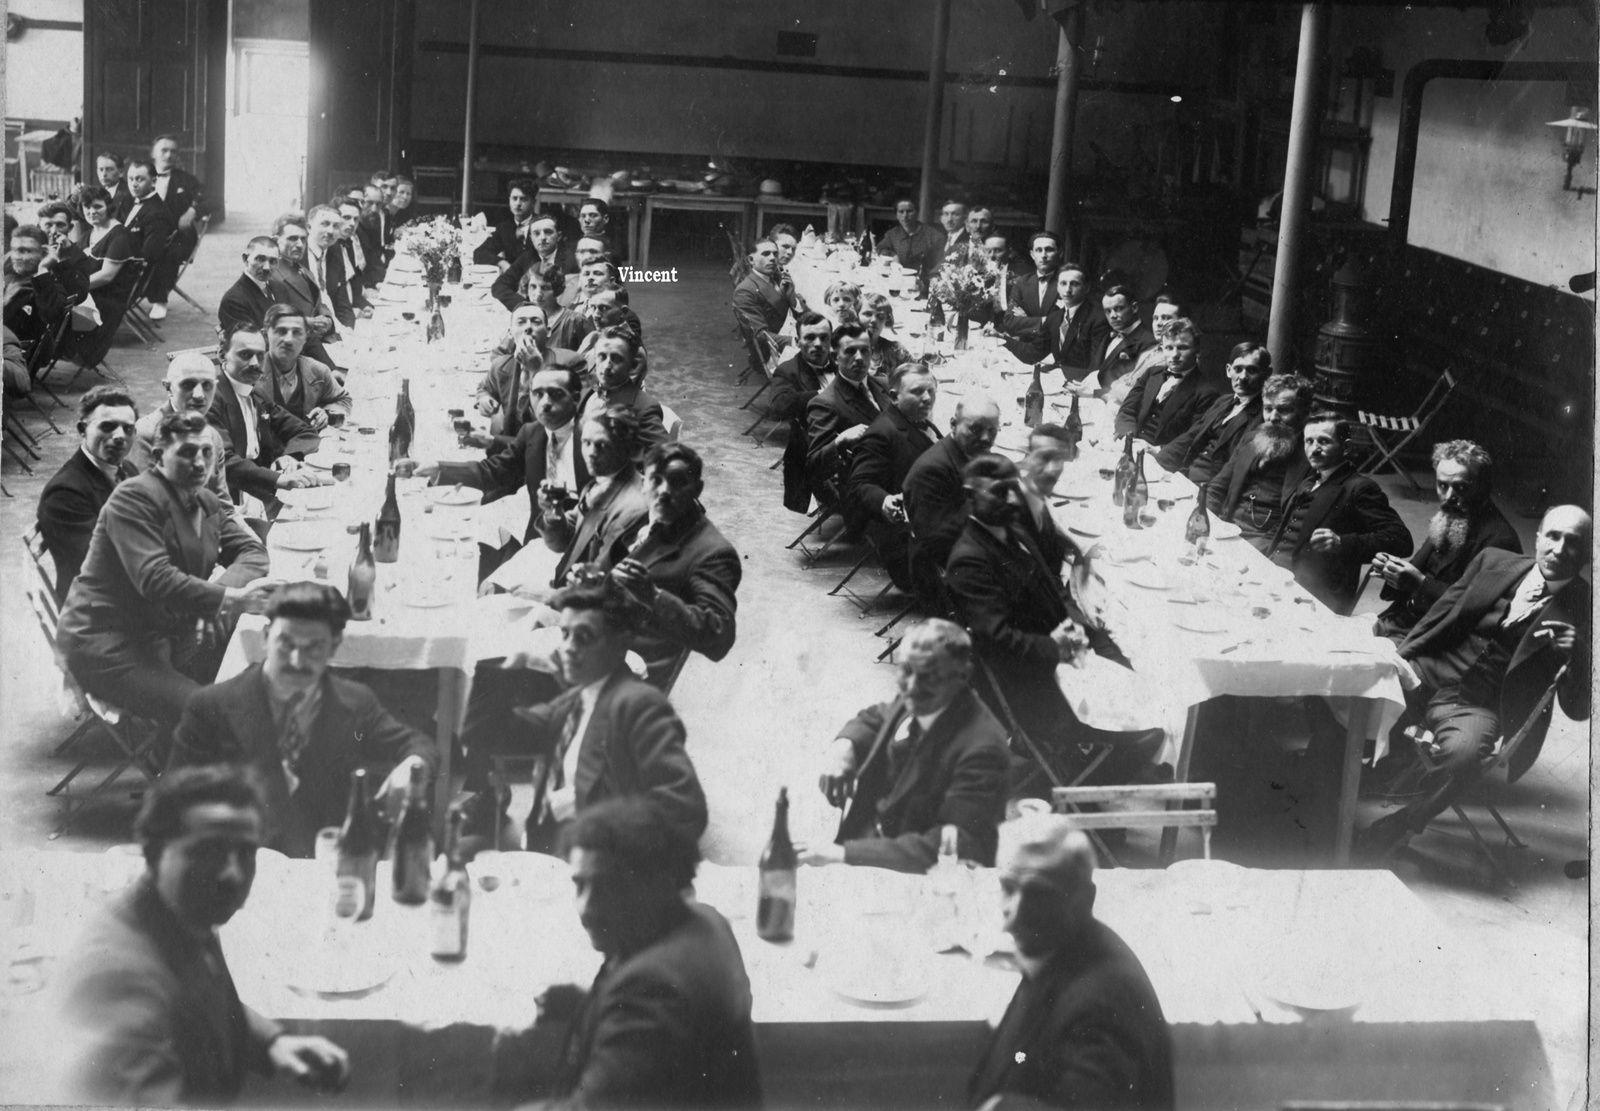 Un petit clin d'œil pour Montceau, la salle du syndicat au début des années 30.